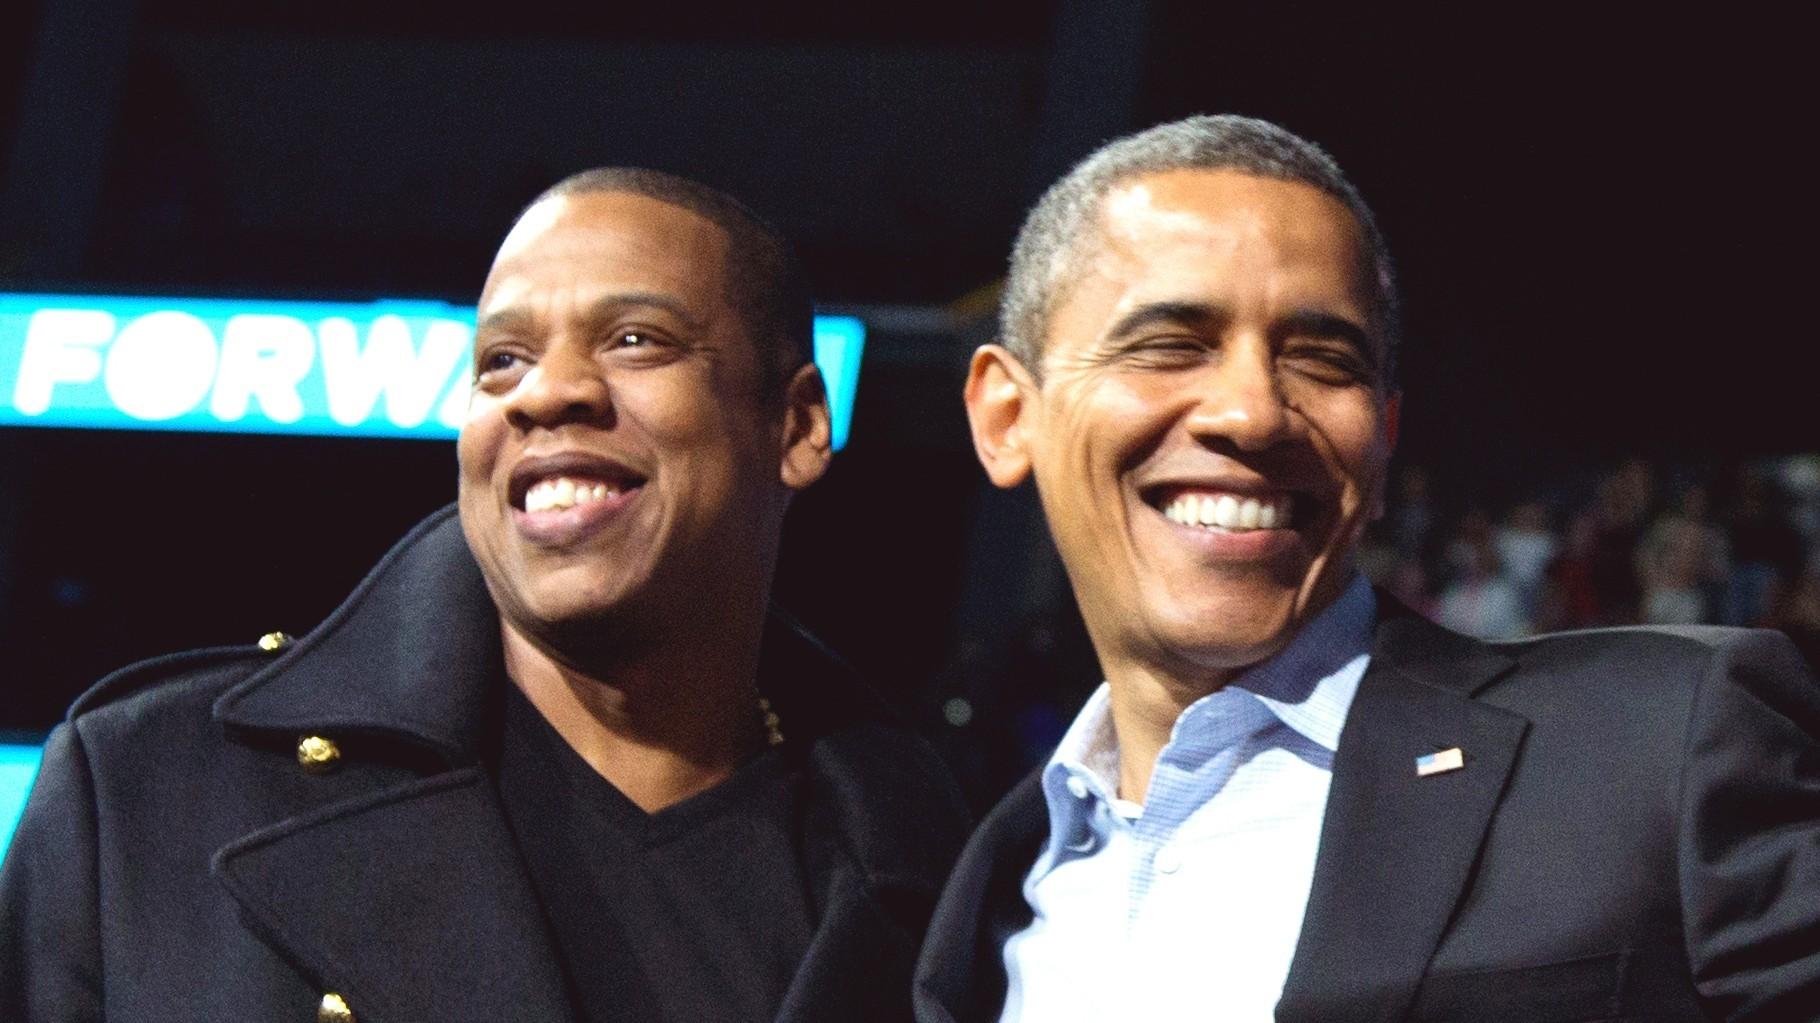 任期 オバマ 大統領